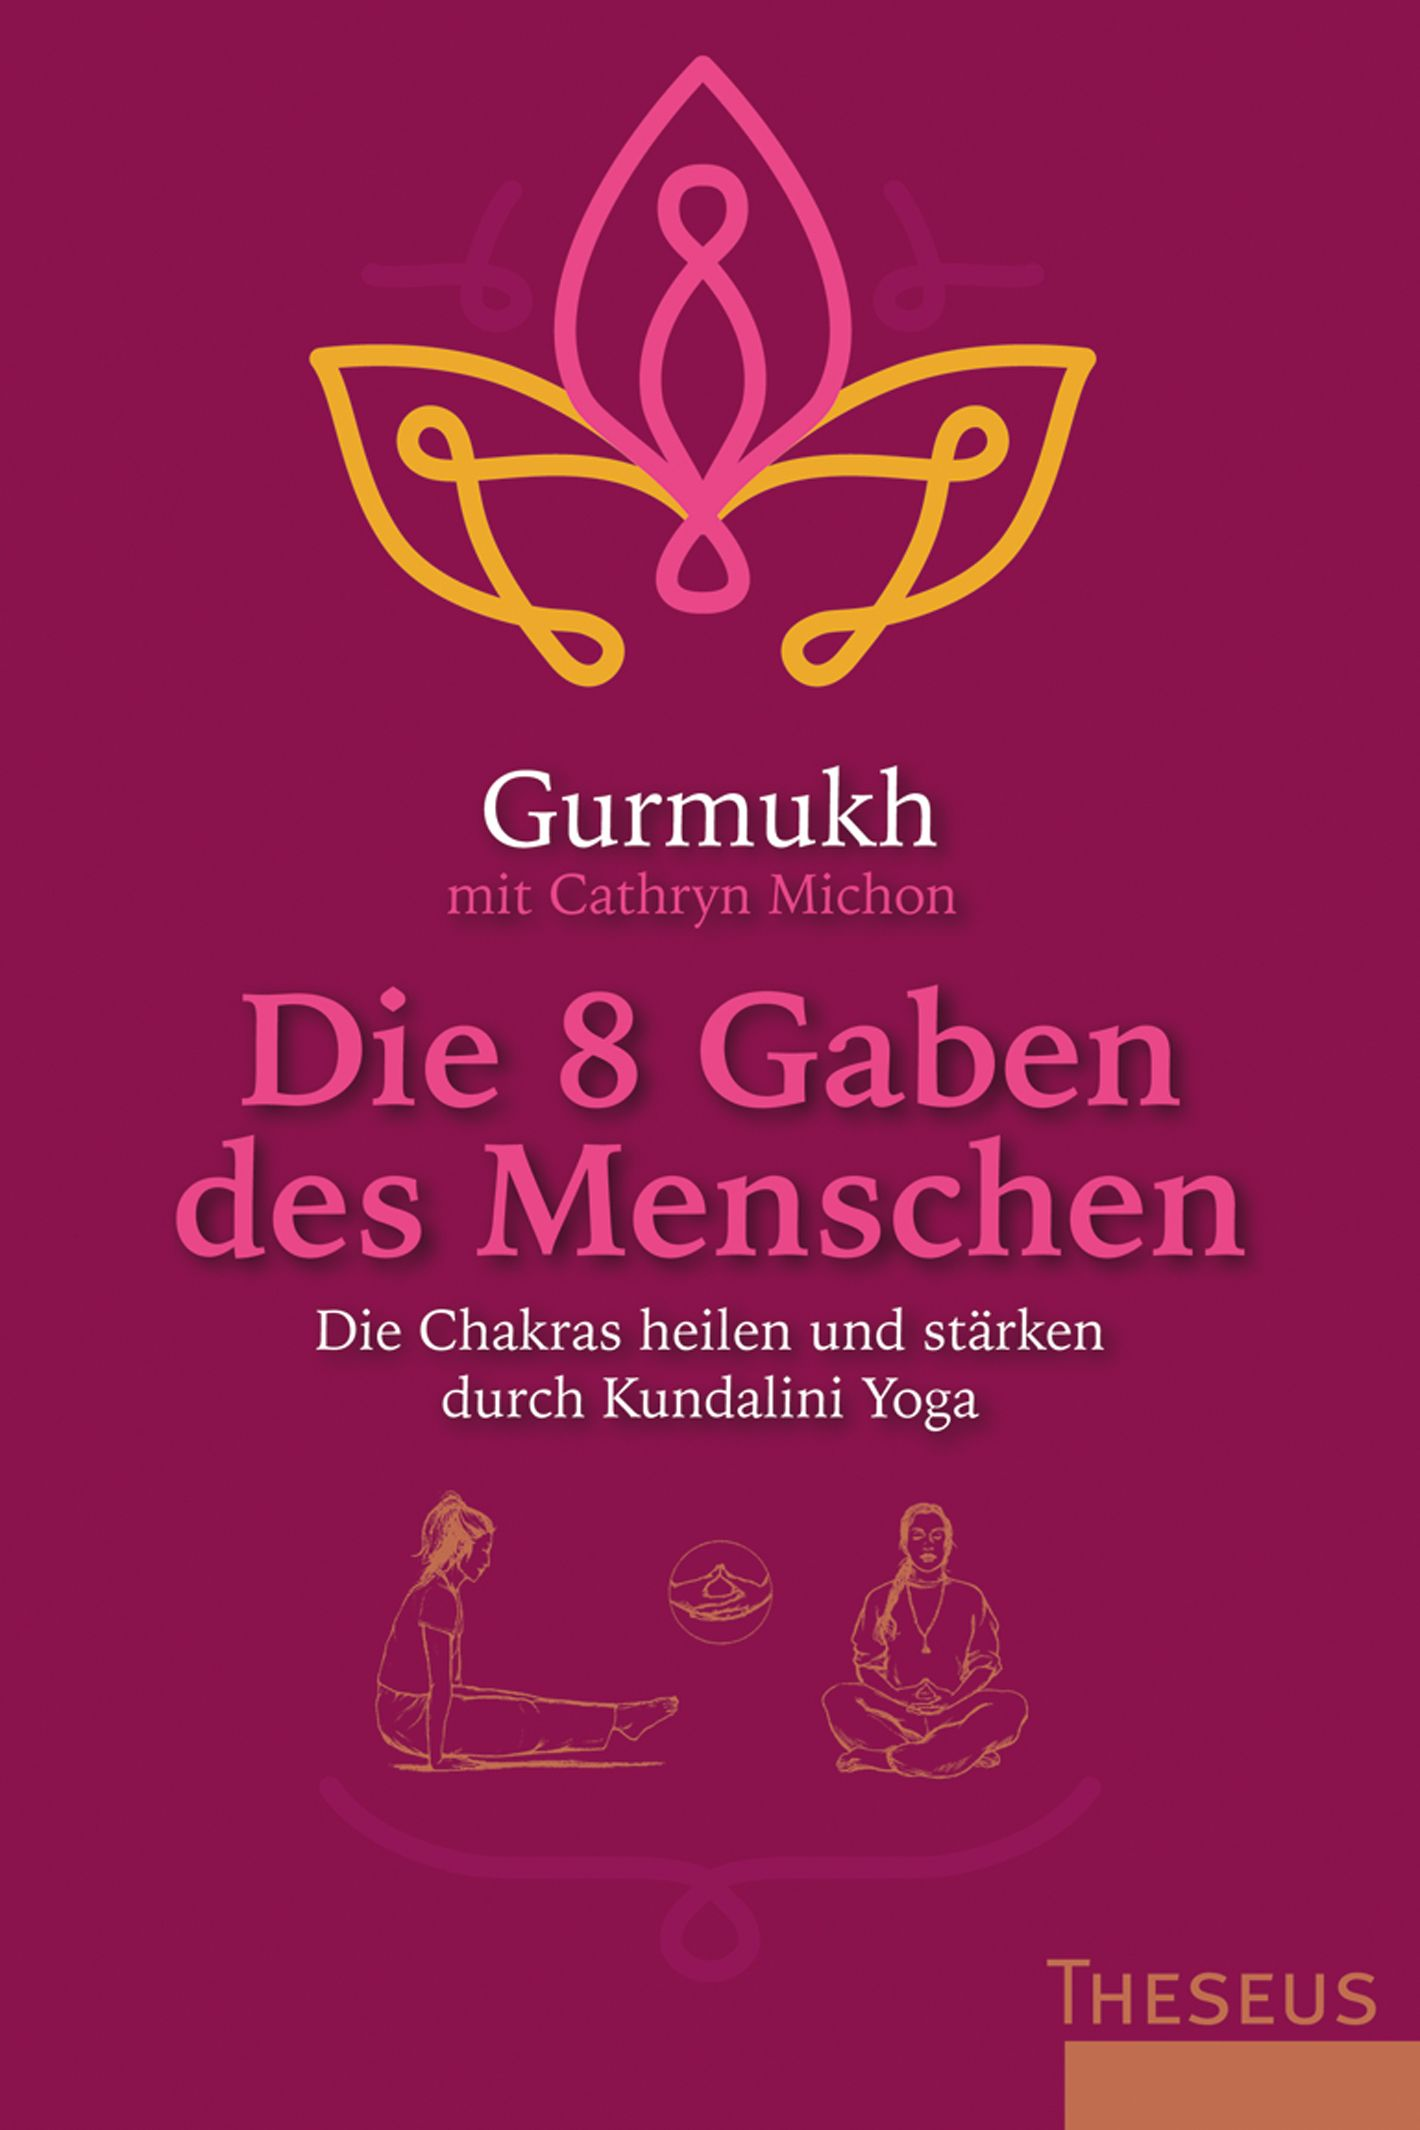 Gurmukh: Die 8 Gaben des Menschen - Die Chakras heilen und stärken durch Kundalini Yoga  ISBN 978-3-89901-790-8